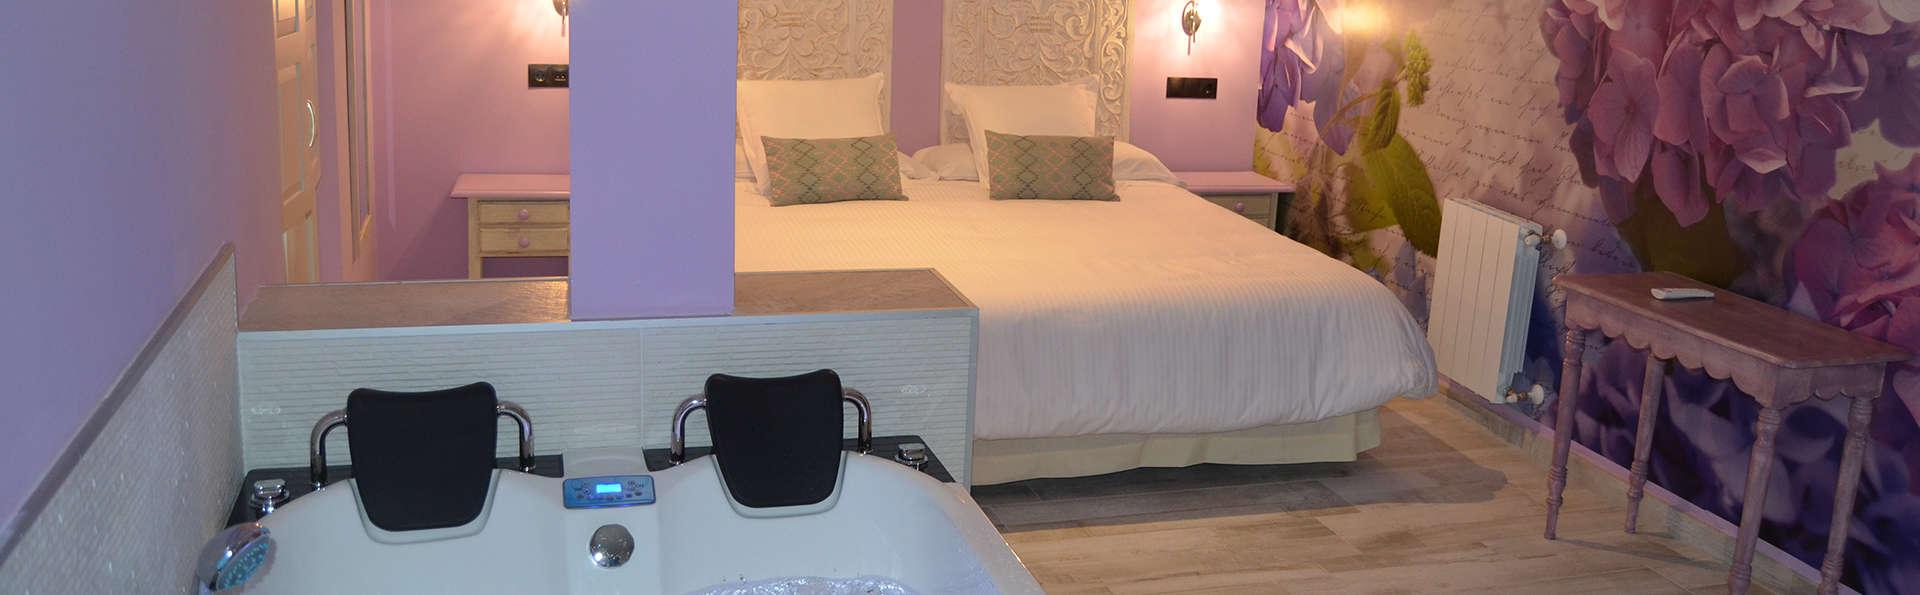 Suites con Jacuzzi Santillana - edit_room3.jpg